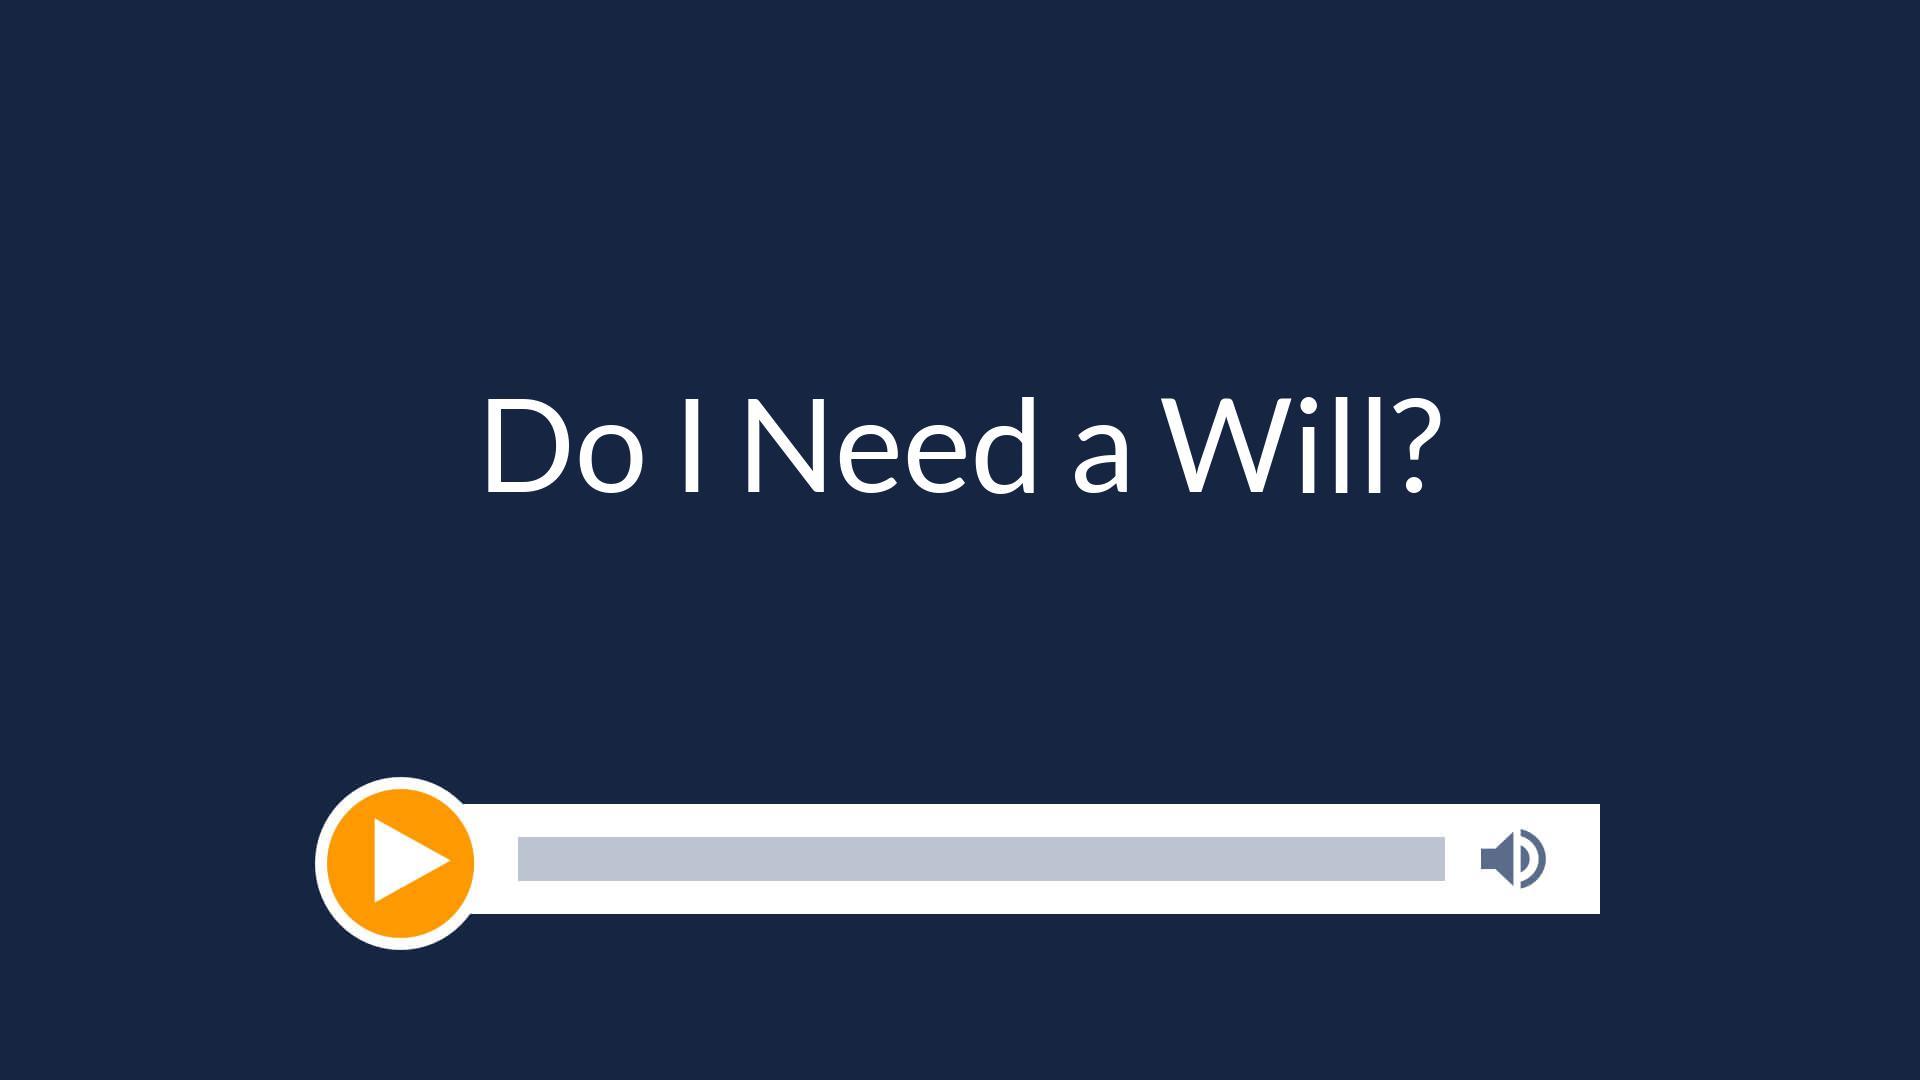 Do I Need a Will?